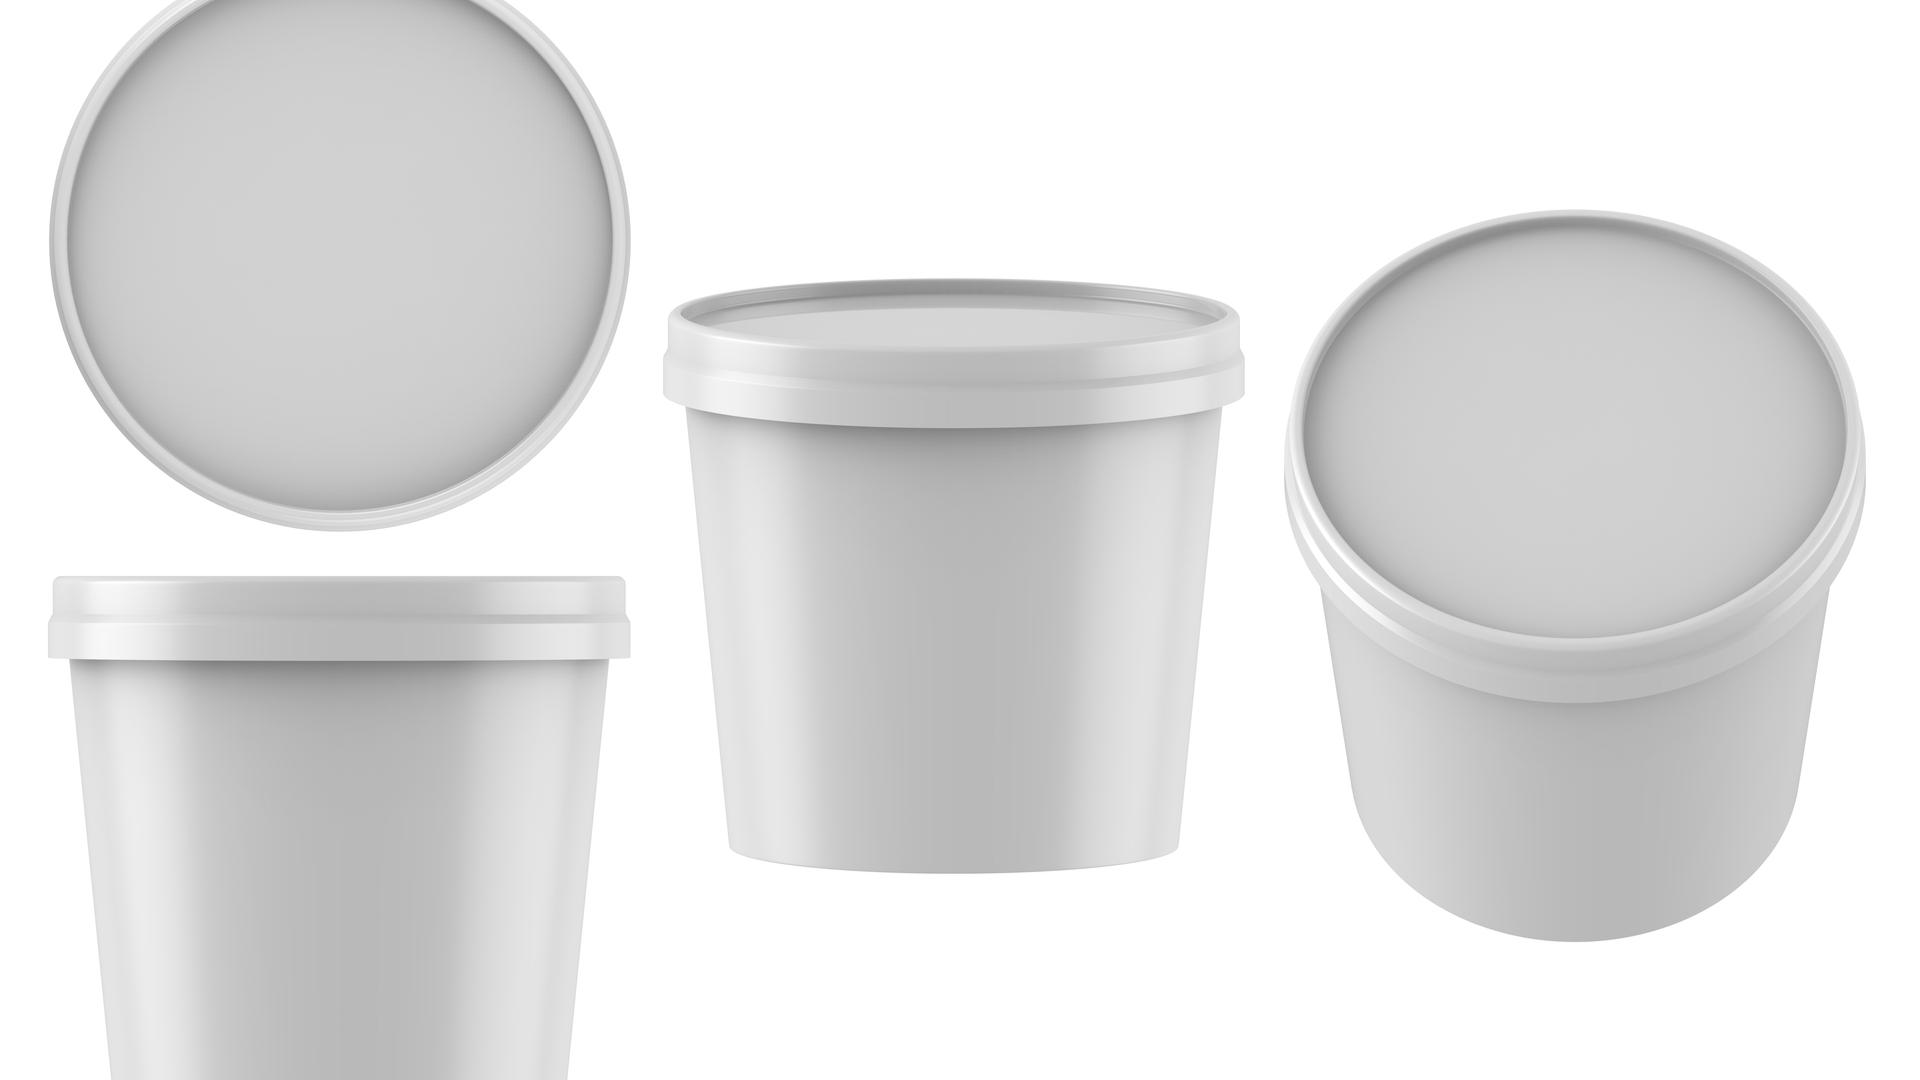 Árvore de decisão do consumidor: qual o papel da embalagem?